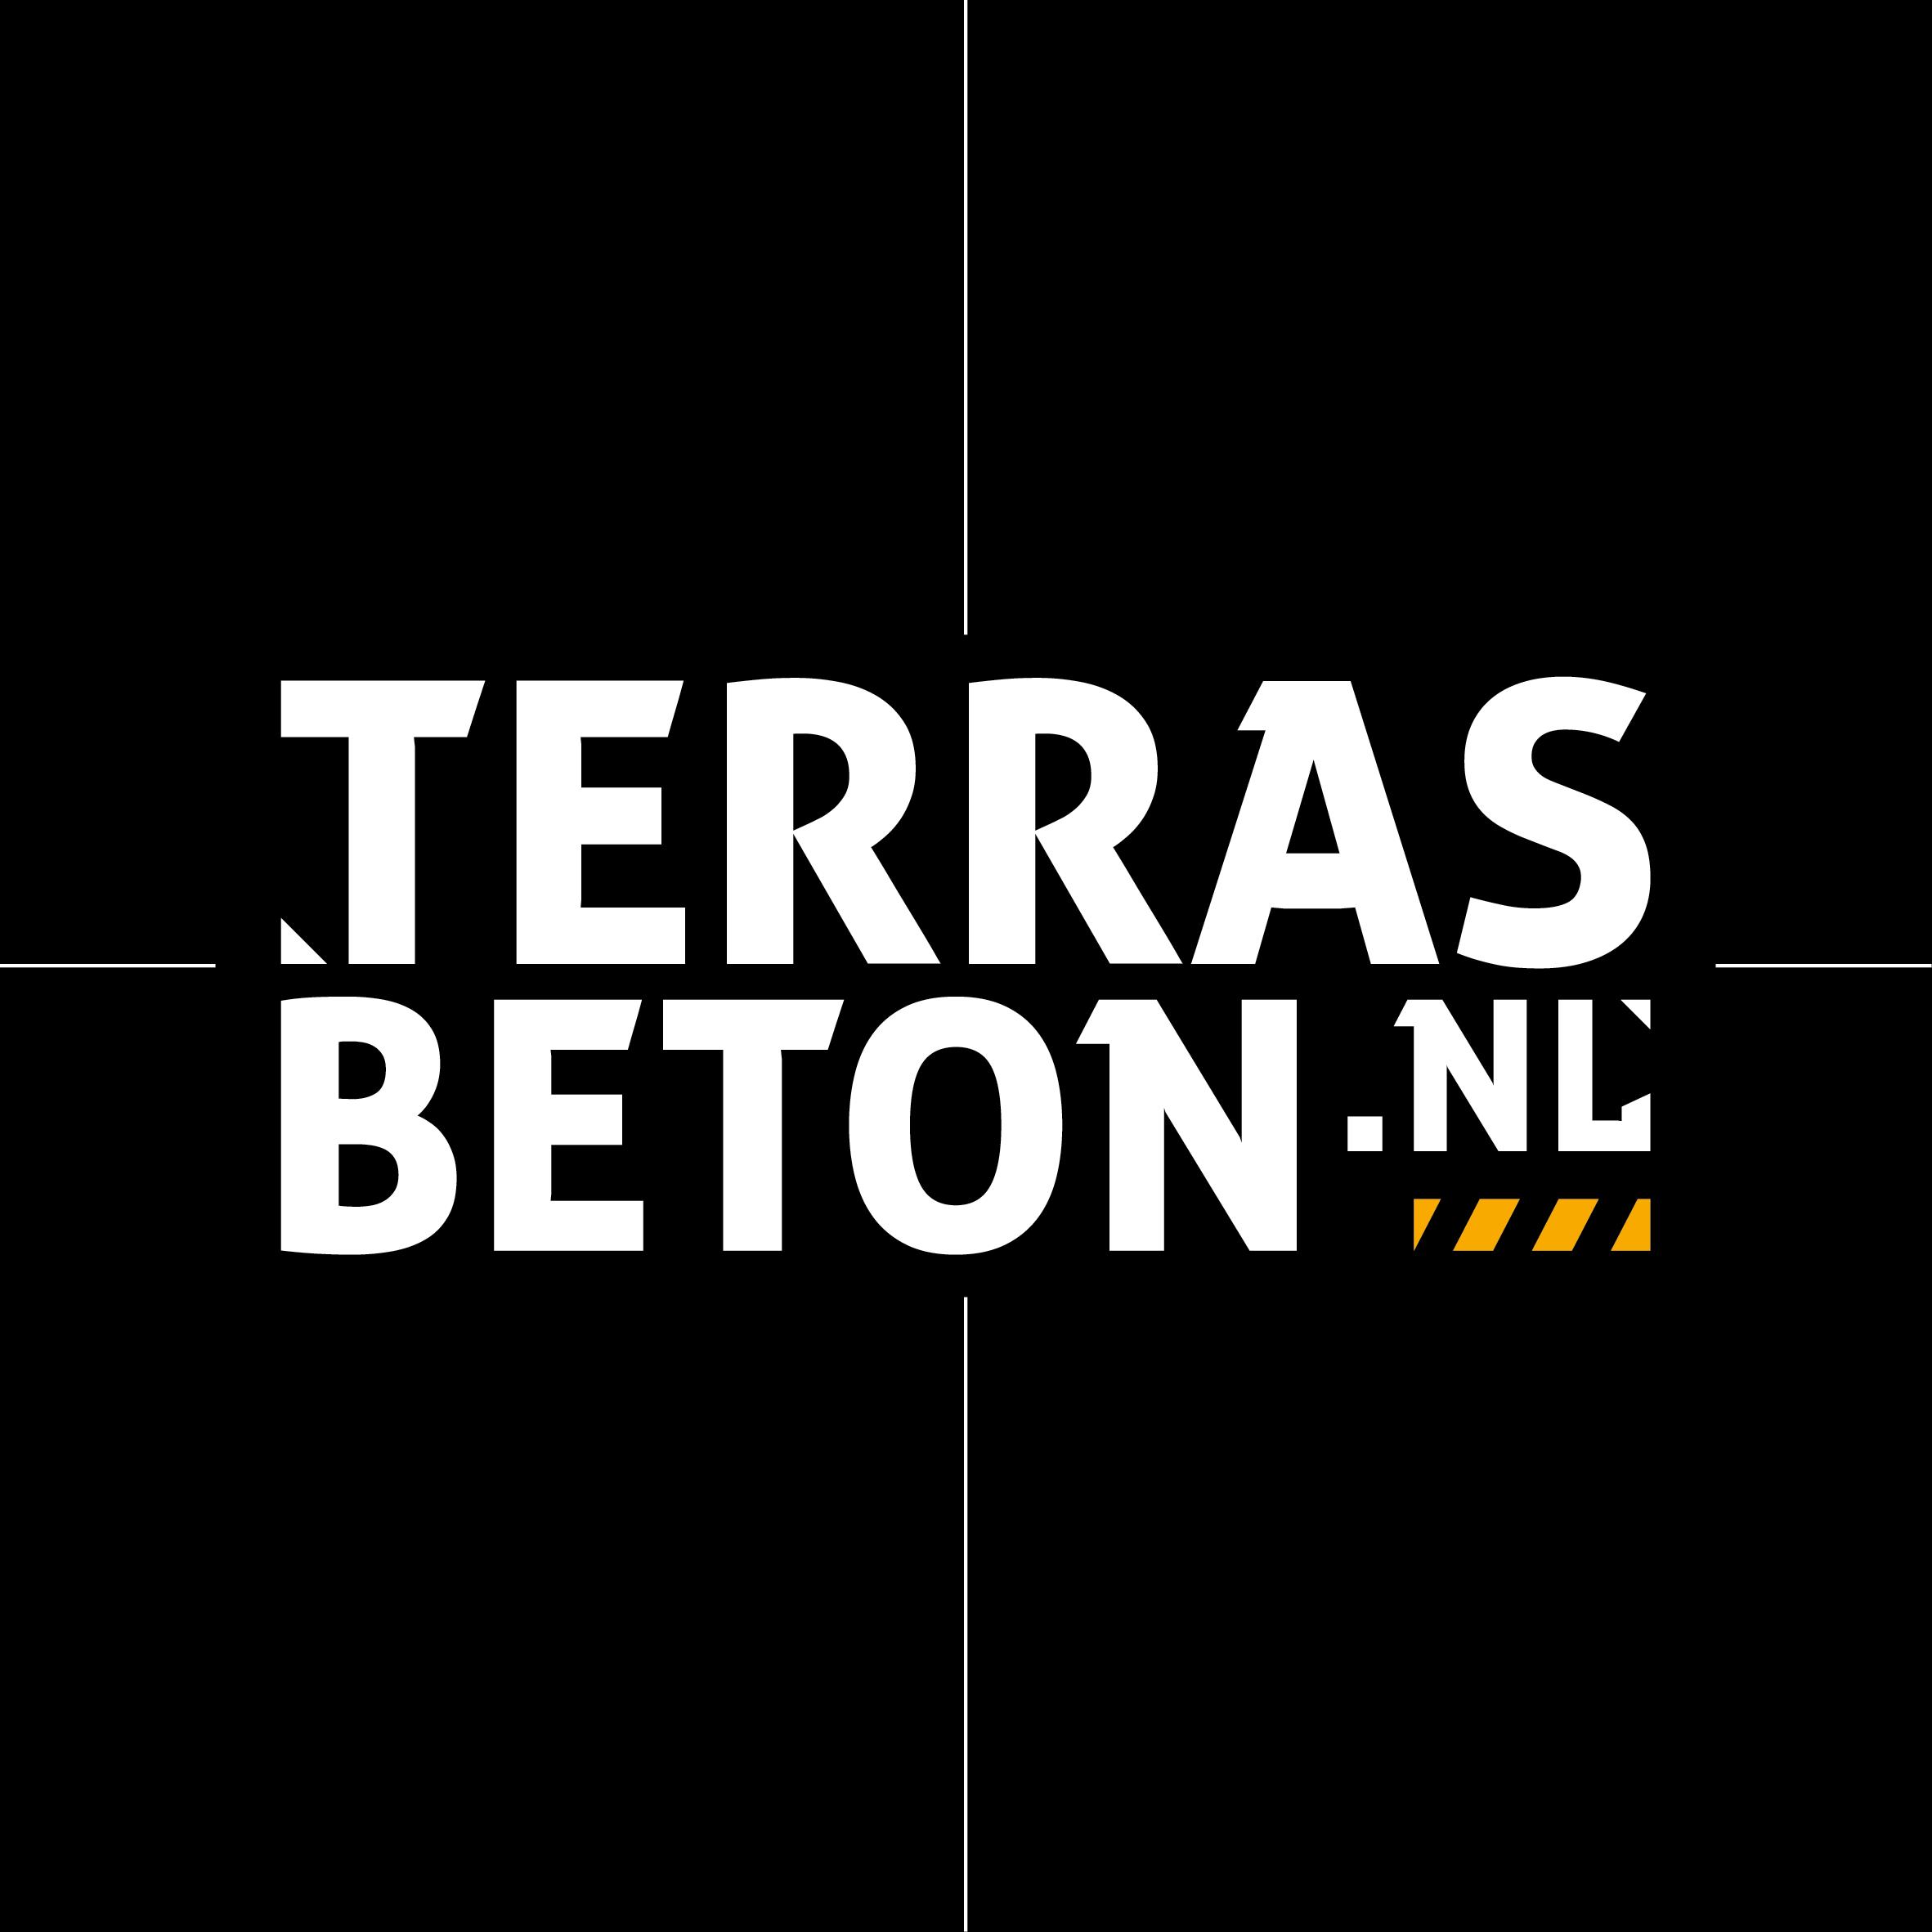 Terrasbeton.nl